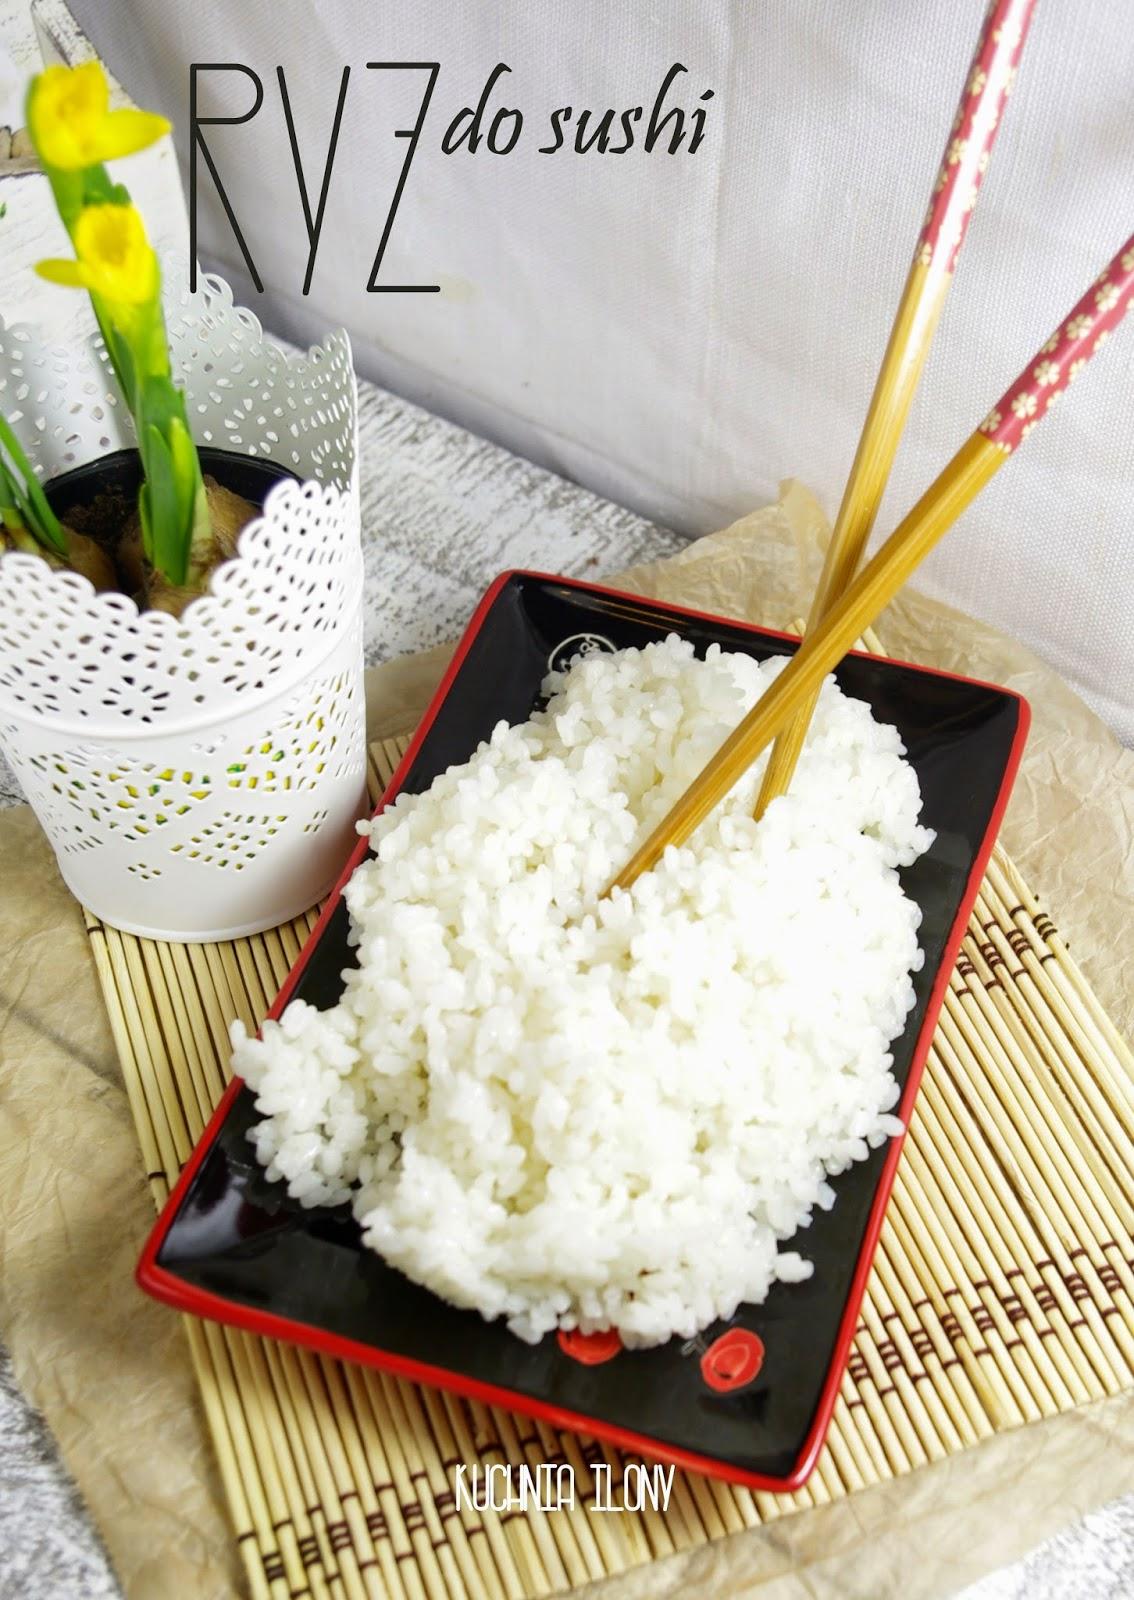 ryż do sushi, domowe sushi, ryż, ryż na sushi, kuchnia ilony, przepisy, kuchnia japońska,